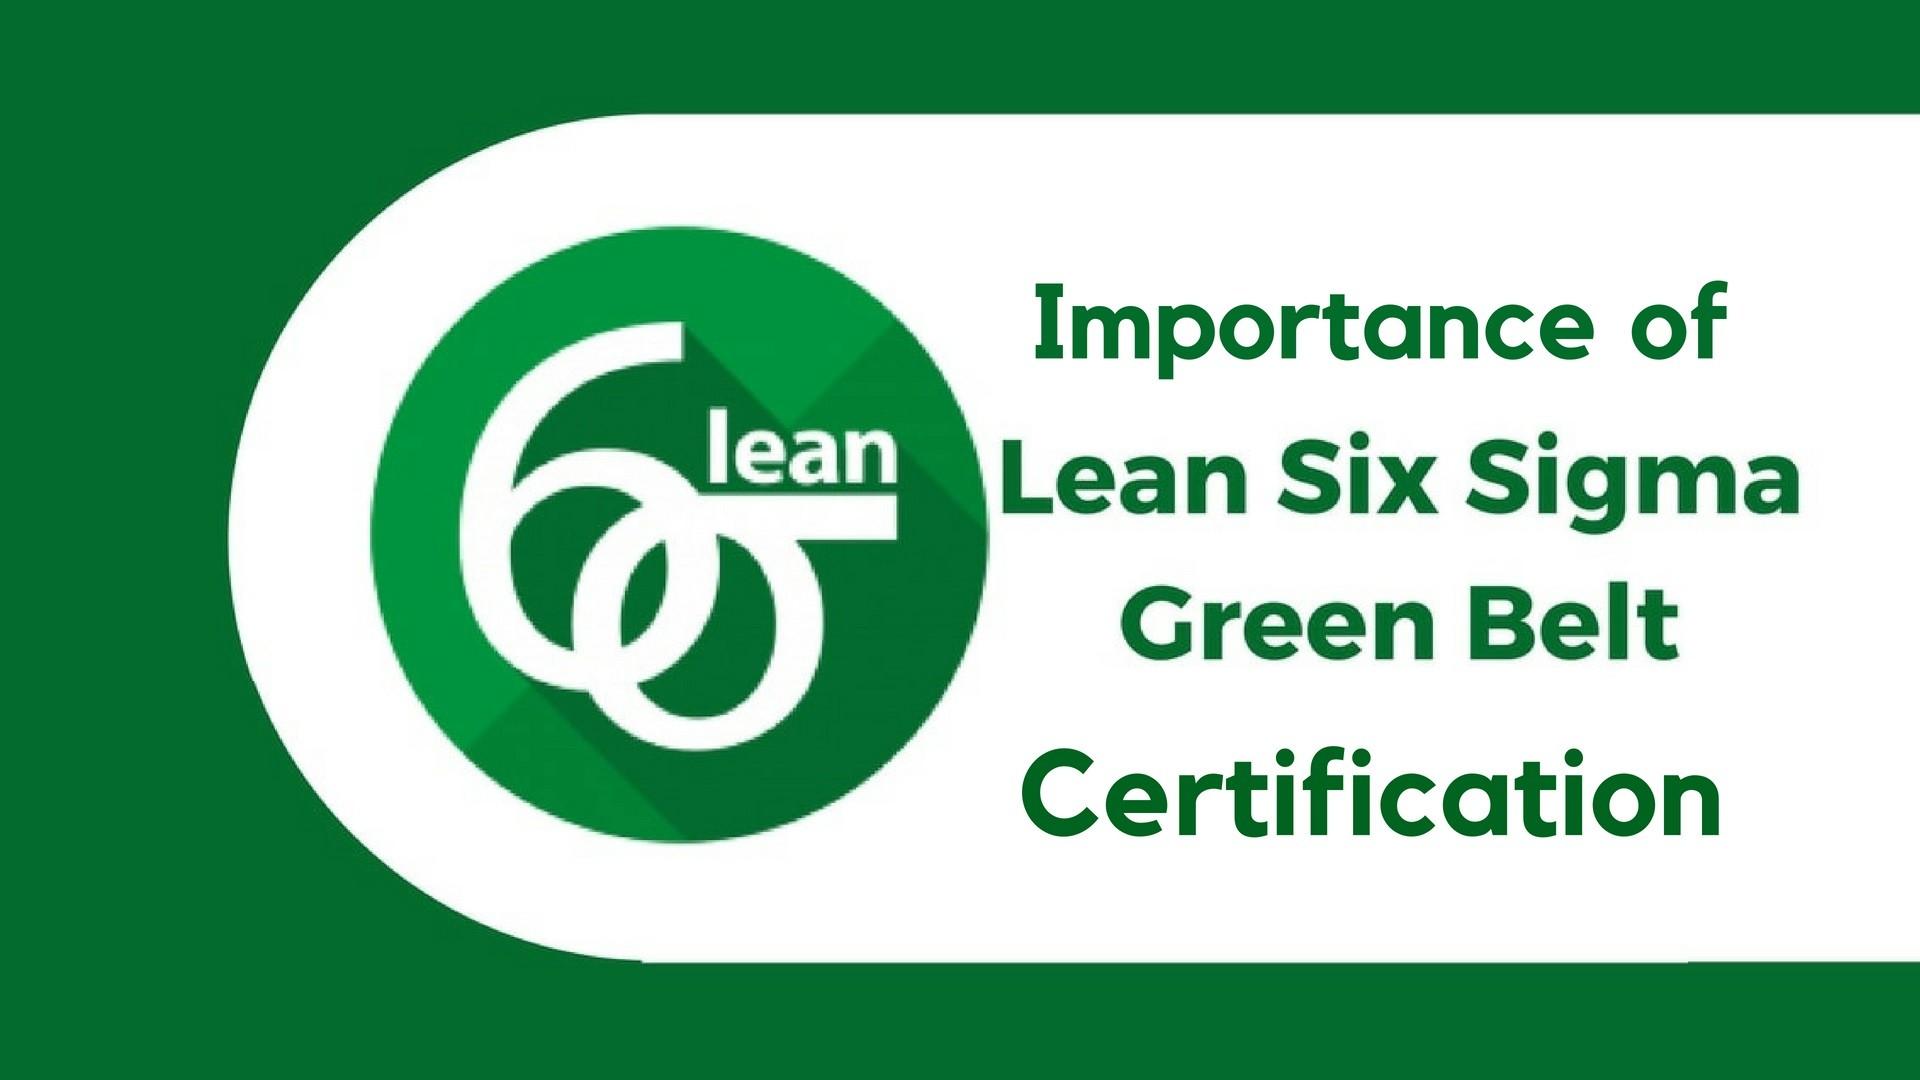 Benefits of Lean Six Sigma Green Belt